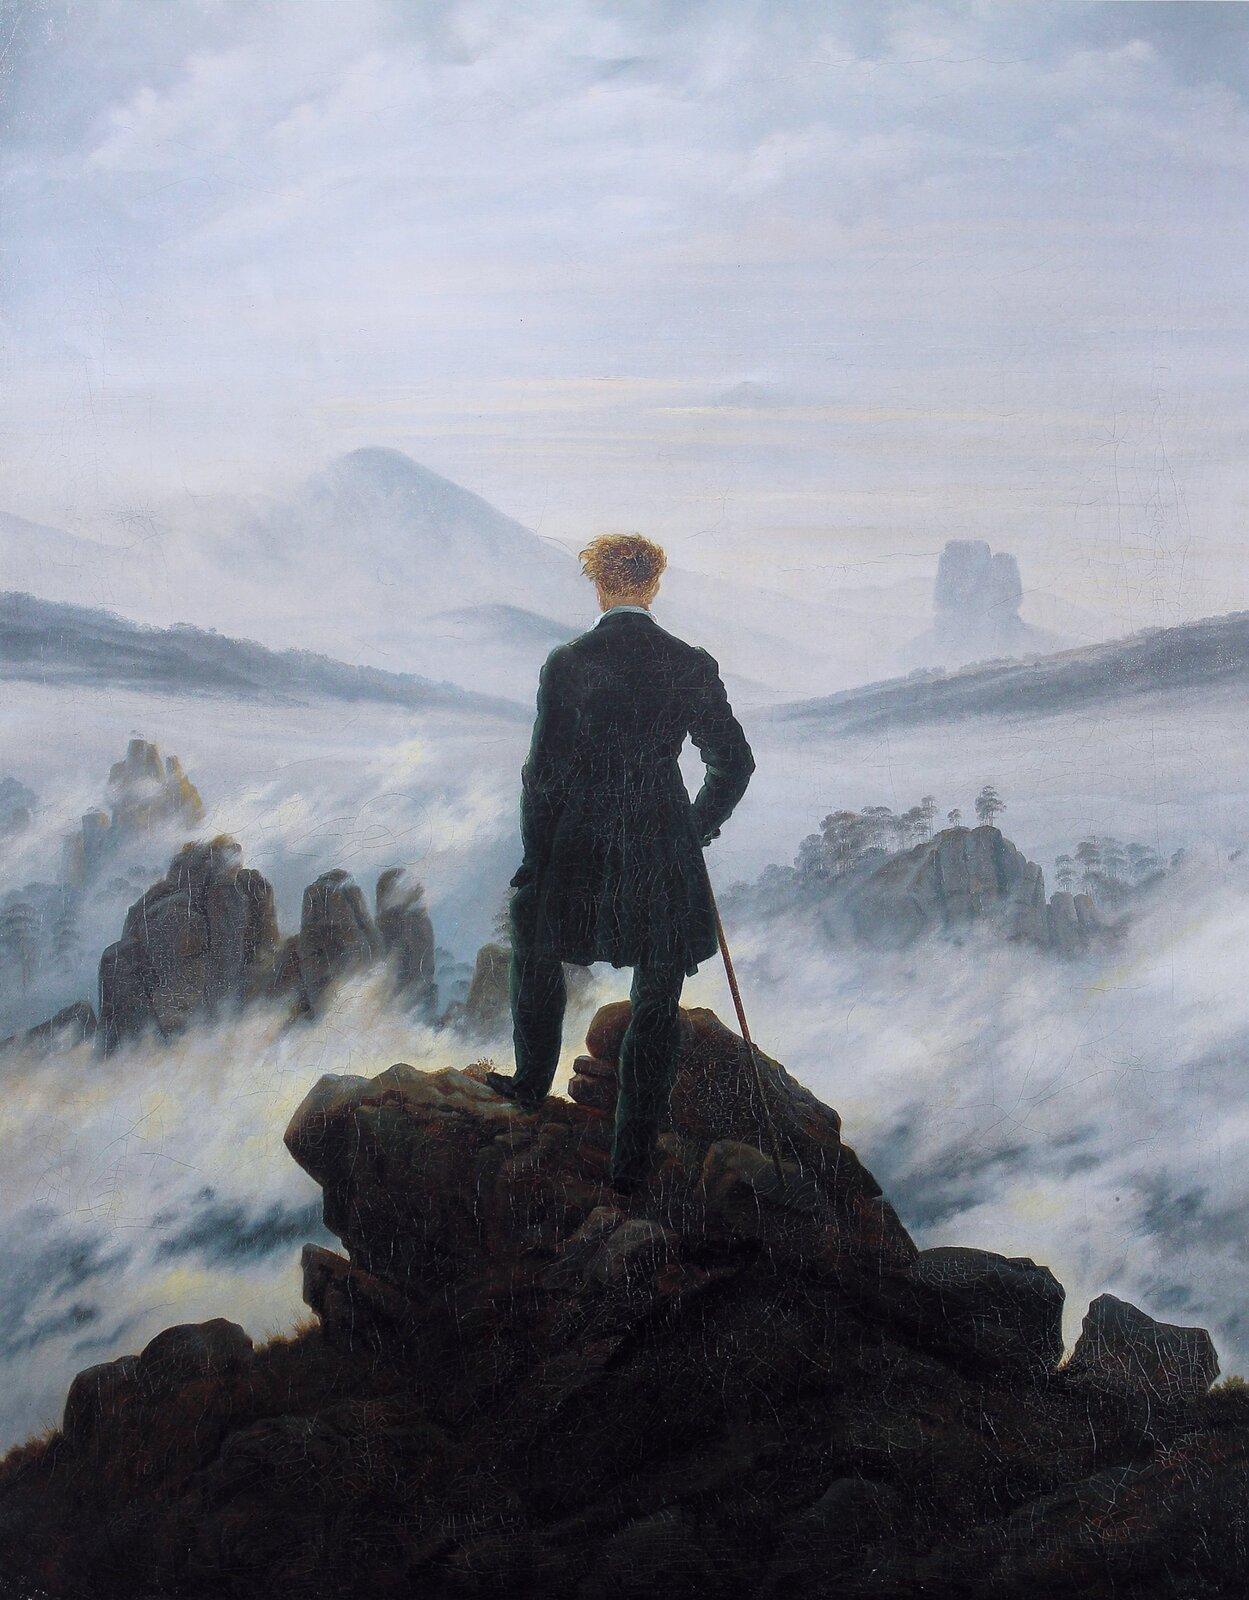 Wędrowiec nad morzem mgły Źródło: Caspar David Friedrich, Wędrowiec nad morzem mgły, 1818, olej na pótnie, Kunsthalle, Hamburg, domena publiczna.